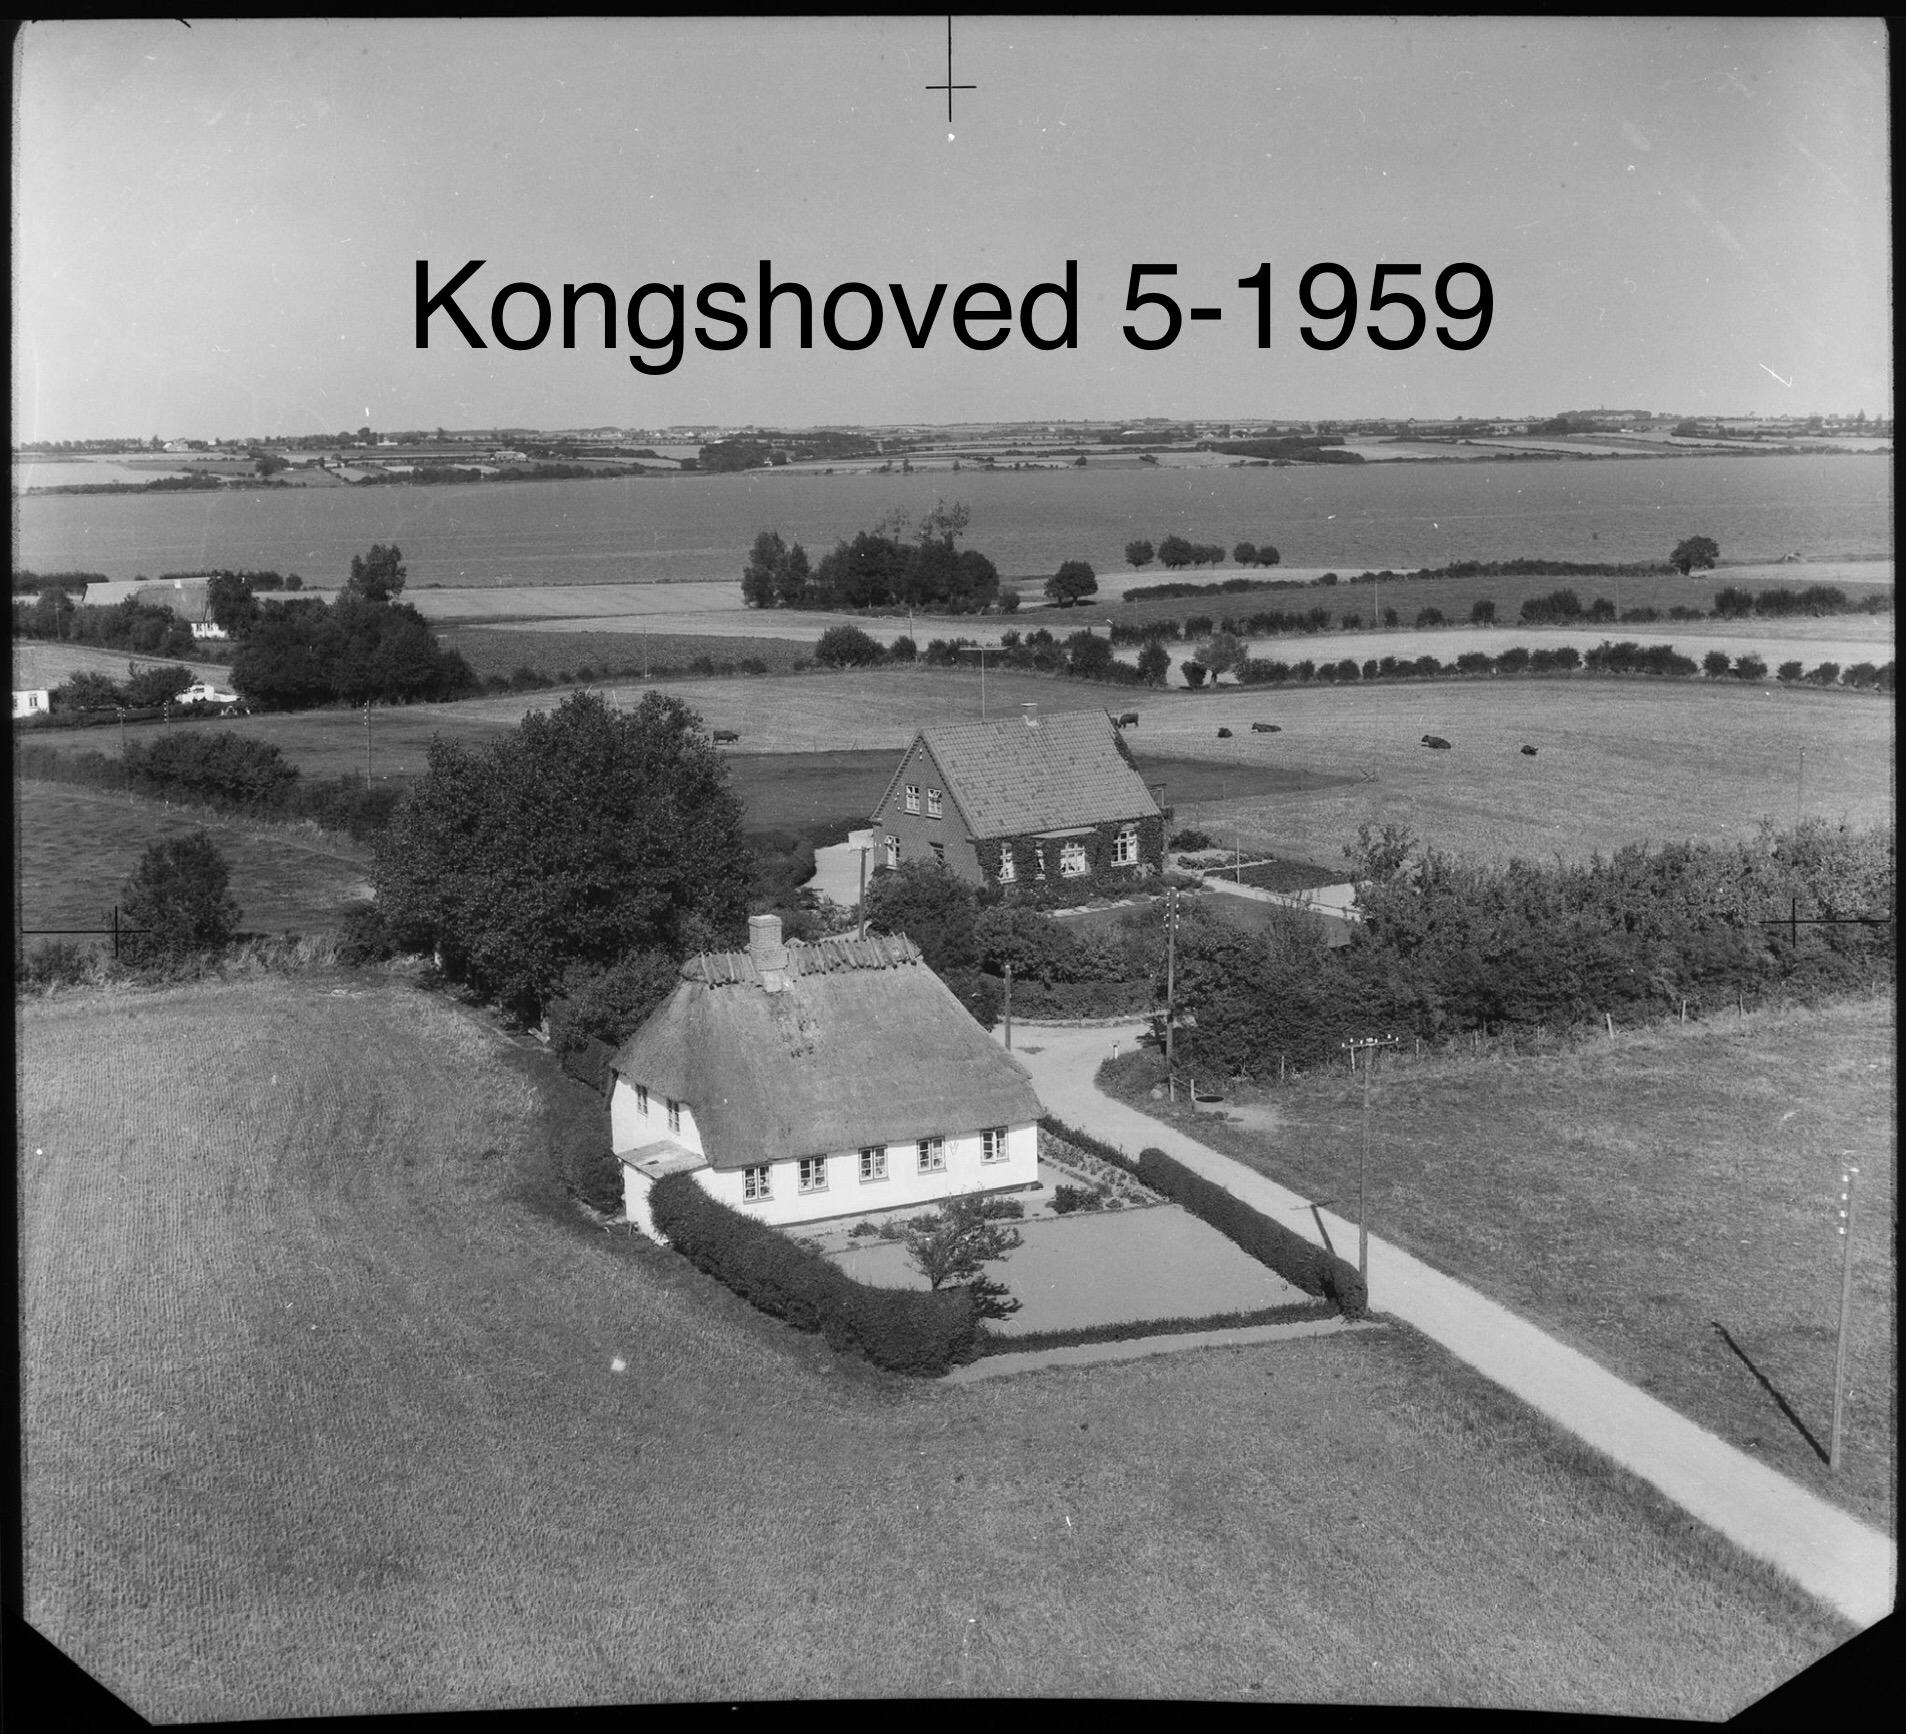 Kongshoved 5 -1959